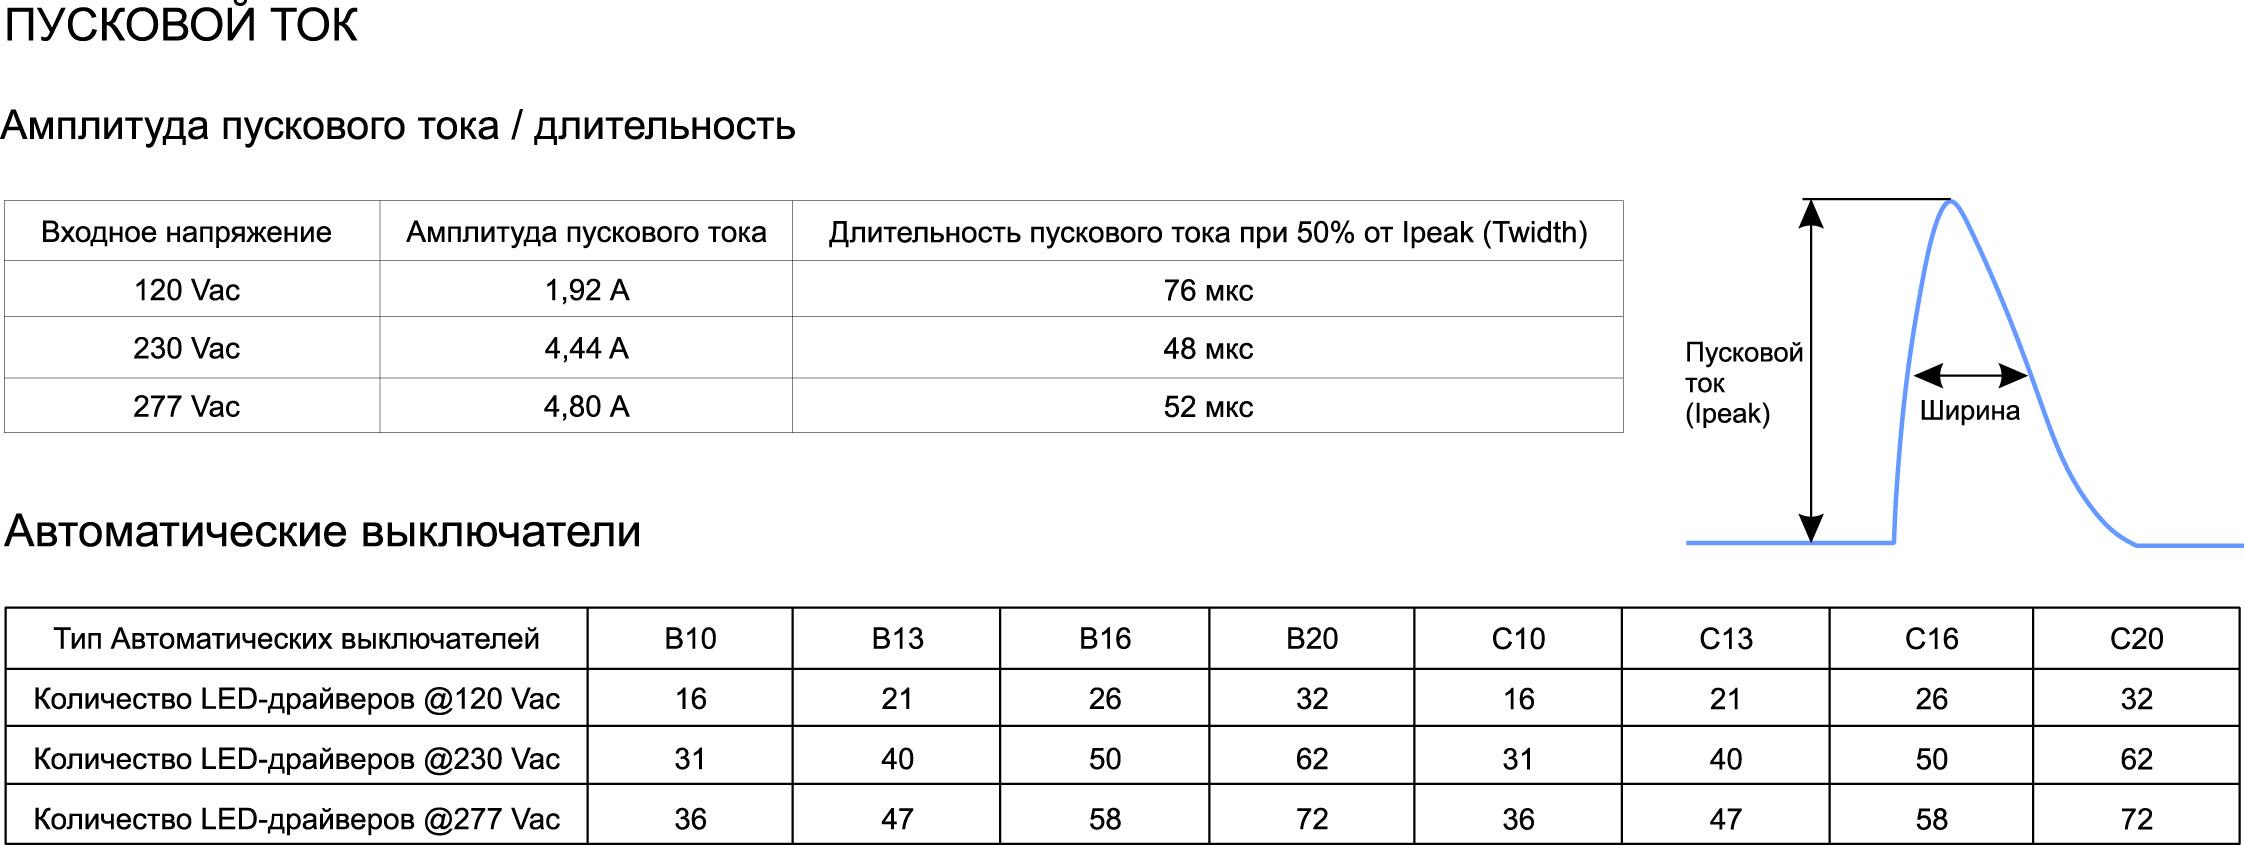 Форма пускового тока БП MOONS' MU050S105DQI610 и рекомендуемое количество автоматических выключателей